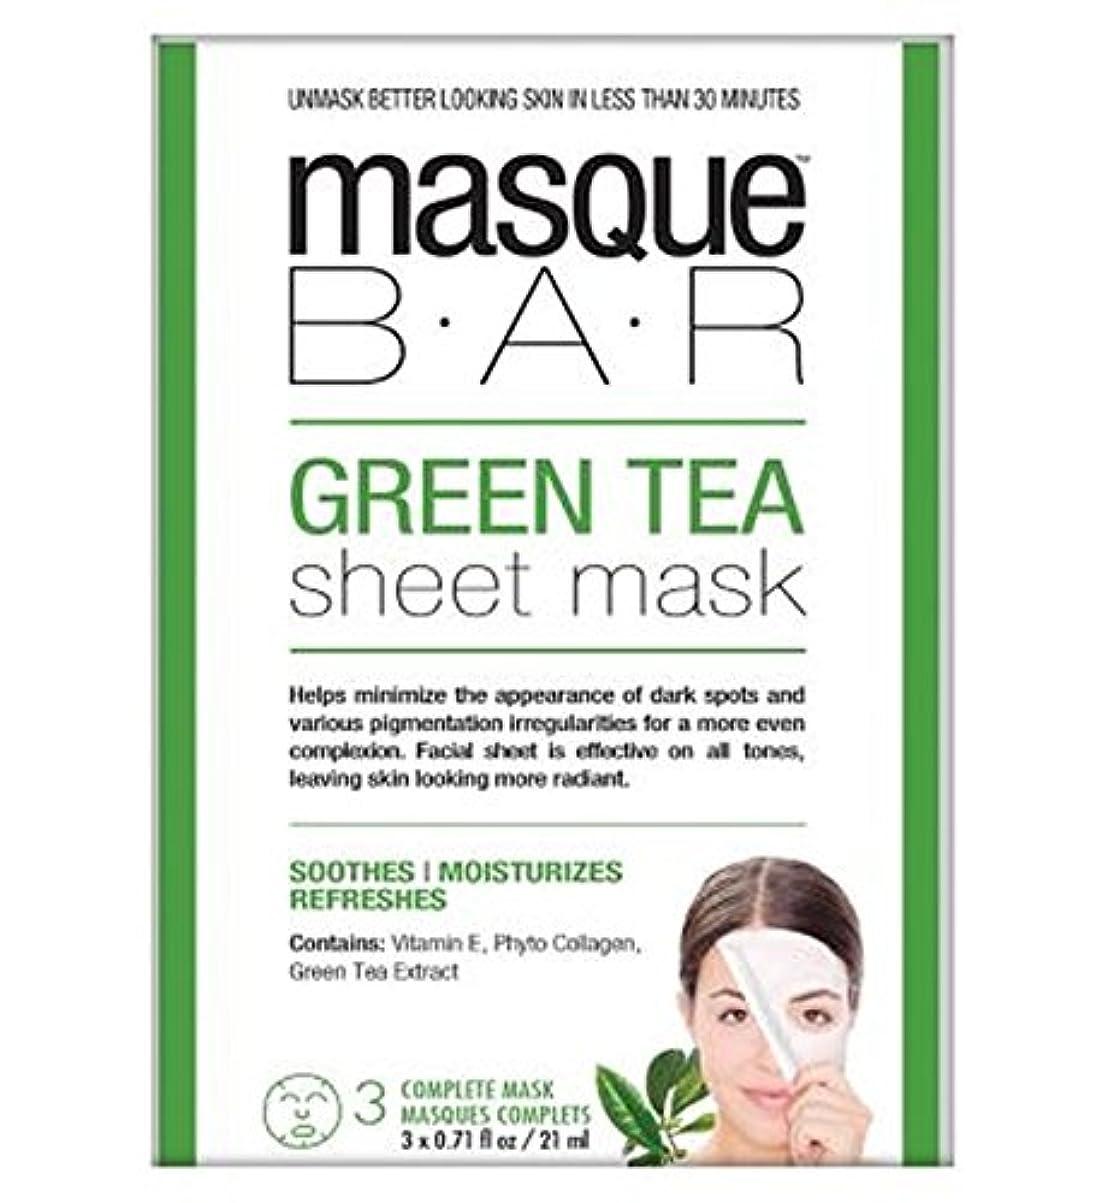 参加者死傷者驚仮面劇バー緑茶シートマスク - 3完全なマスク (P6B Masque Bar Bt) (x2) - Masque Bar Green Tea Sheet Mask - 3 complete masks (Pack of...